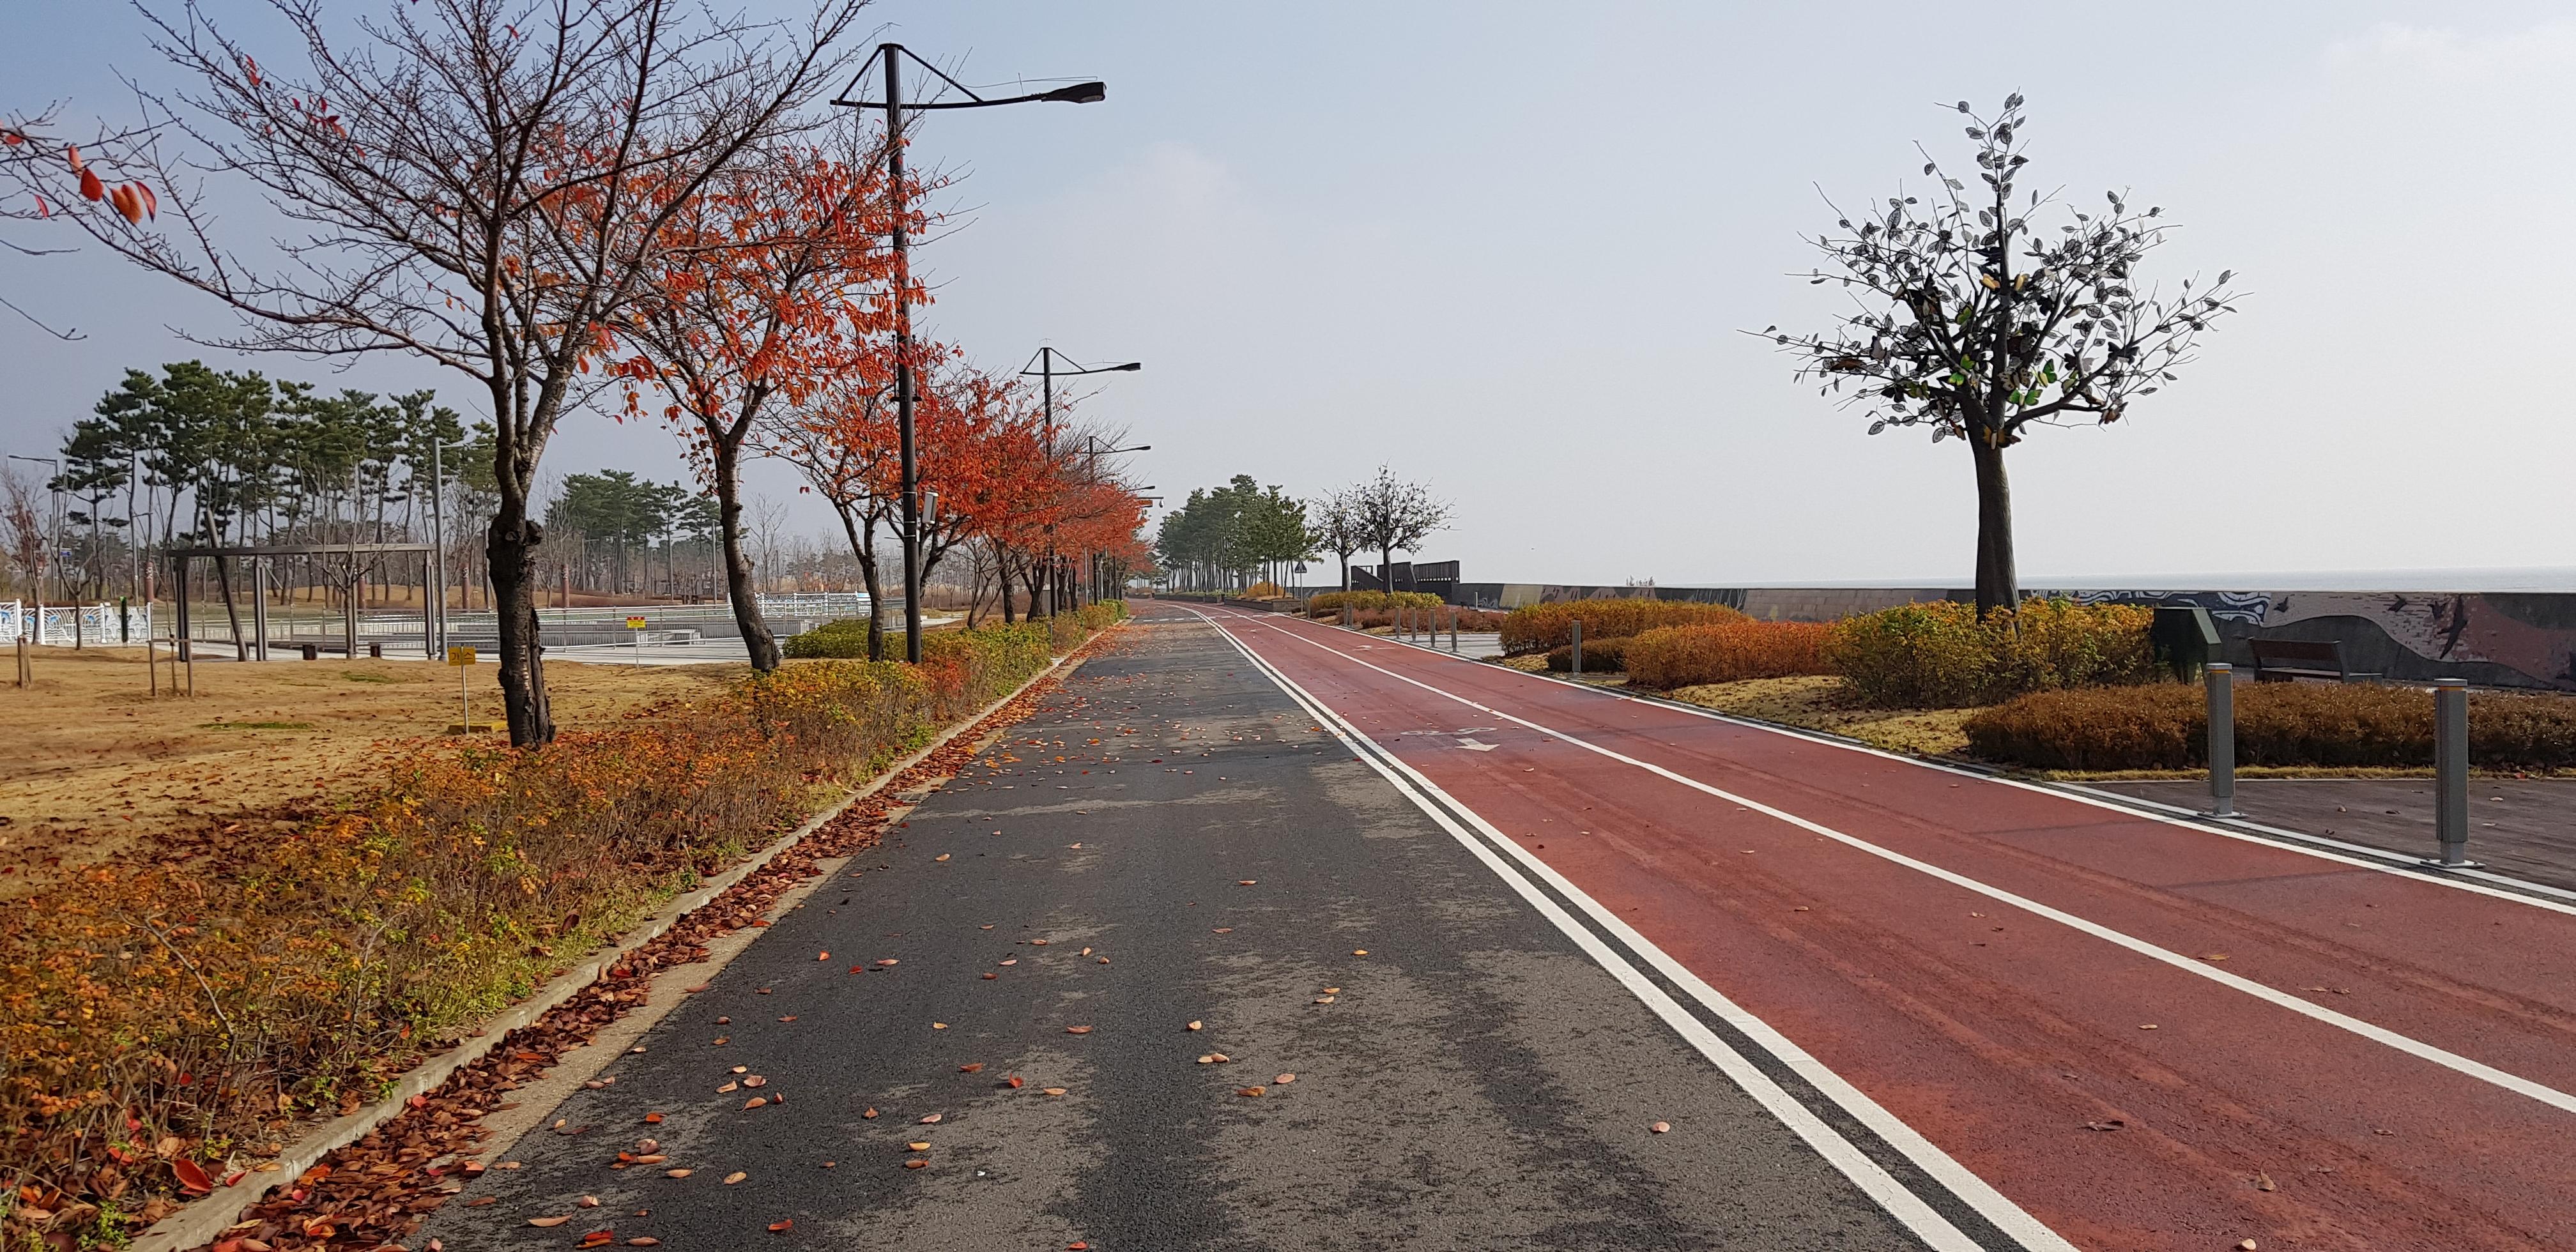 서울에서 가깝고도 먼 섬, 영종도 라이딩 일주 - ...